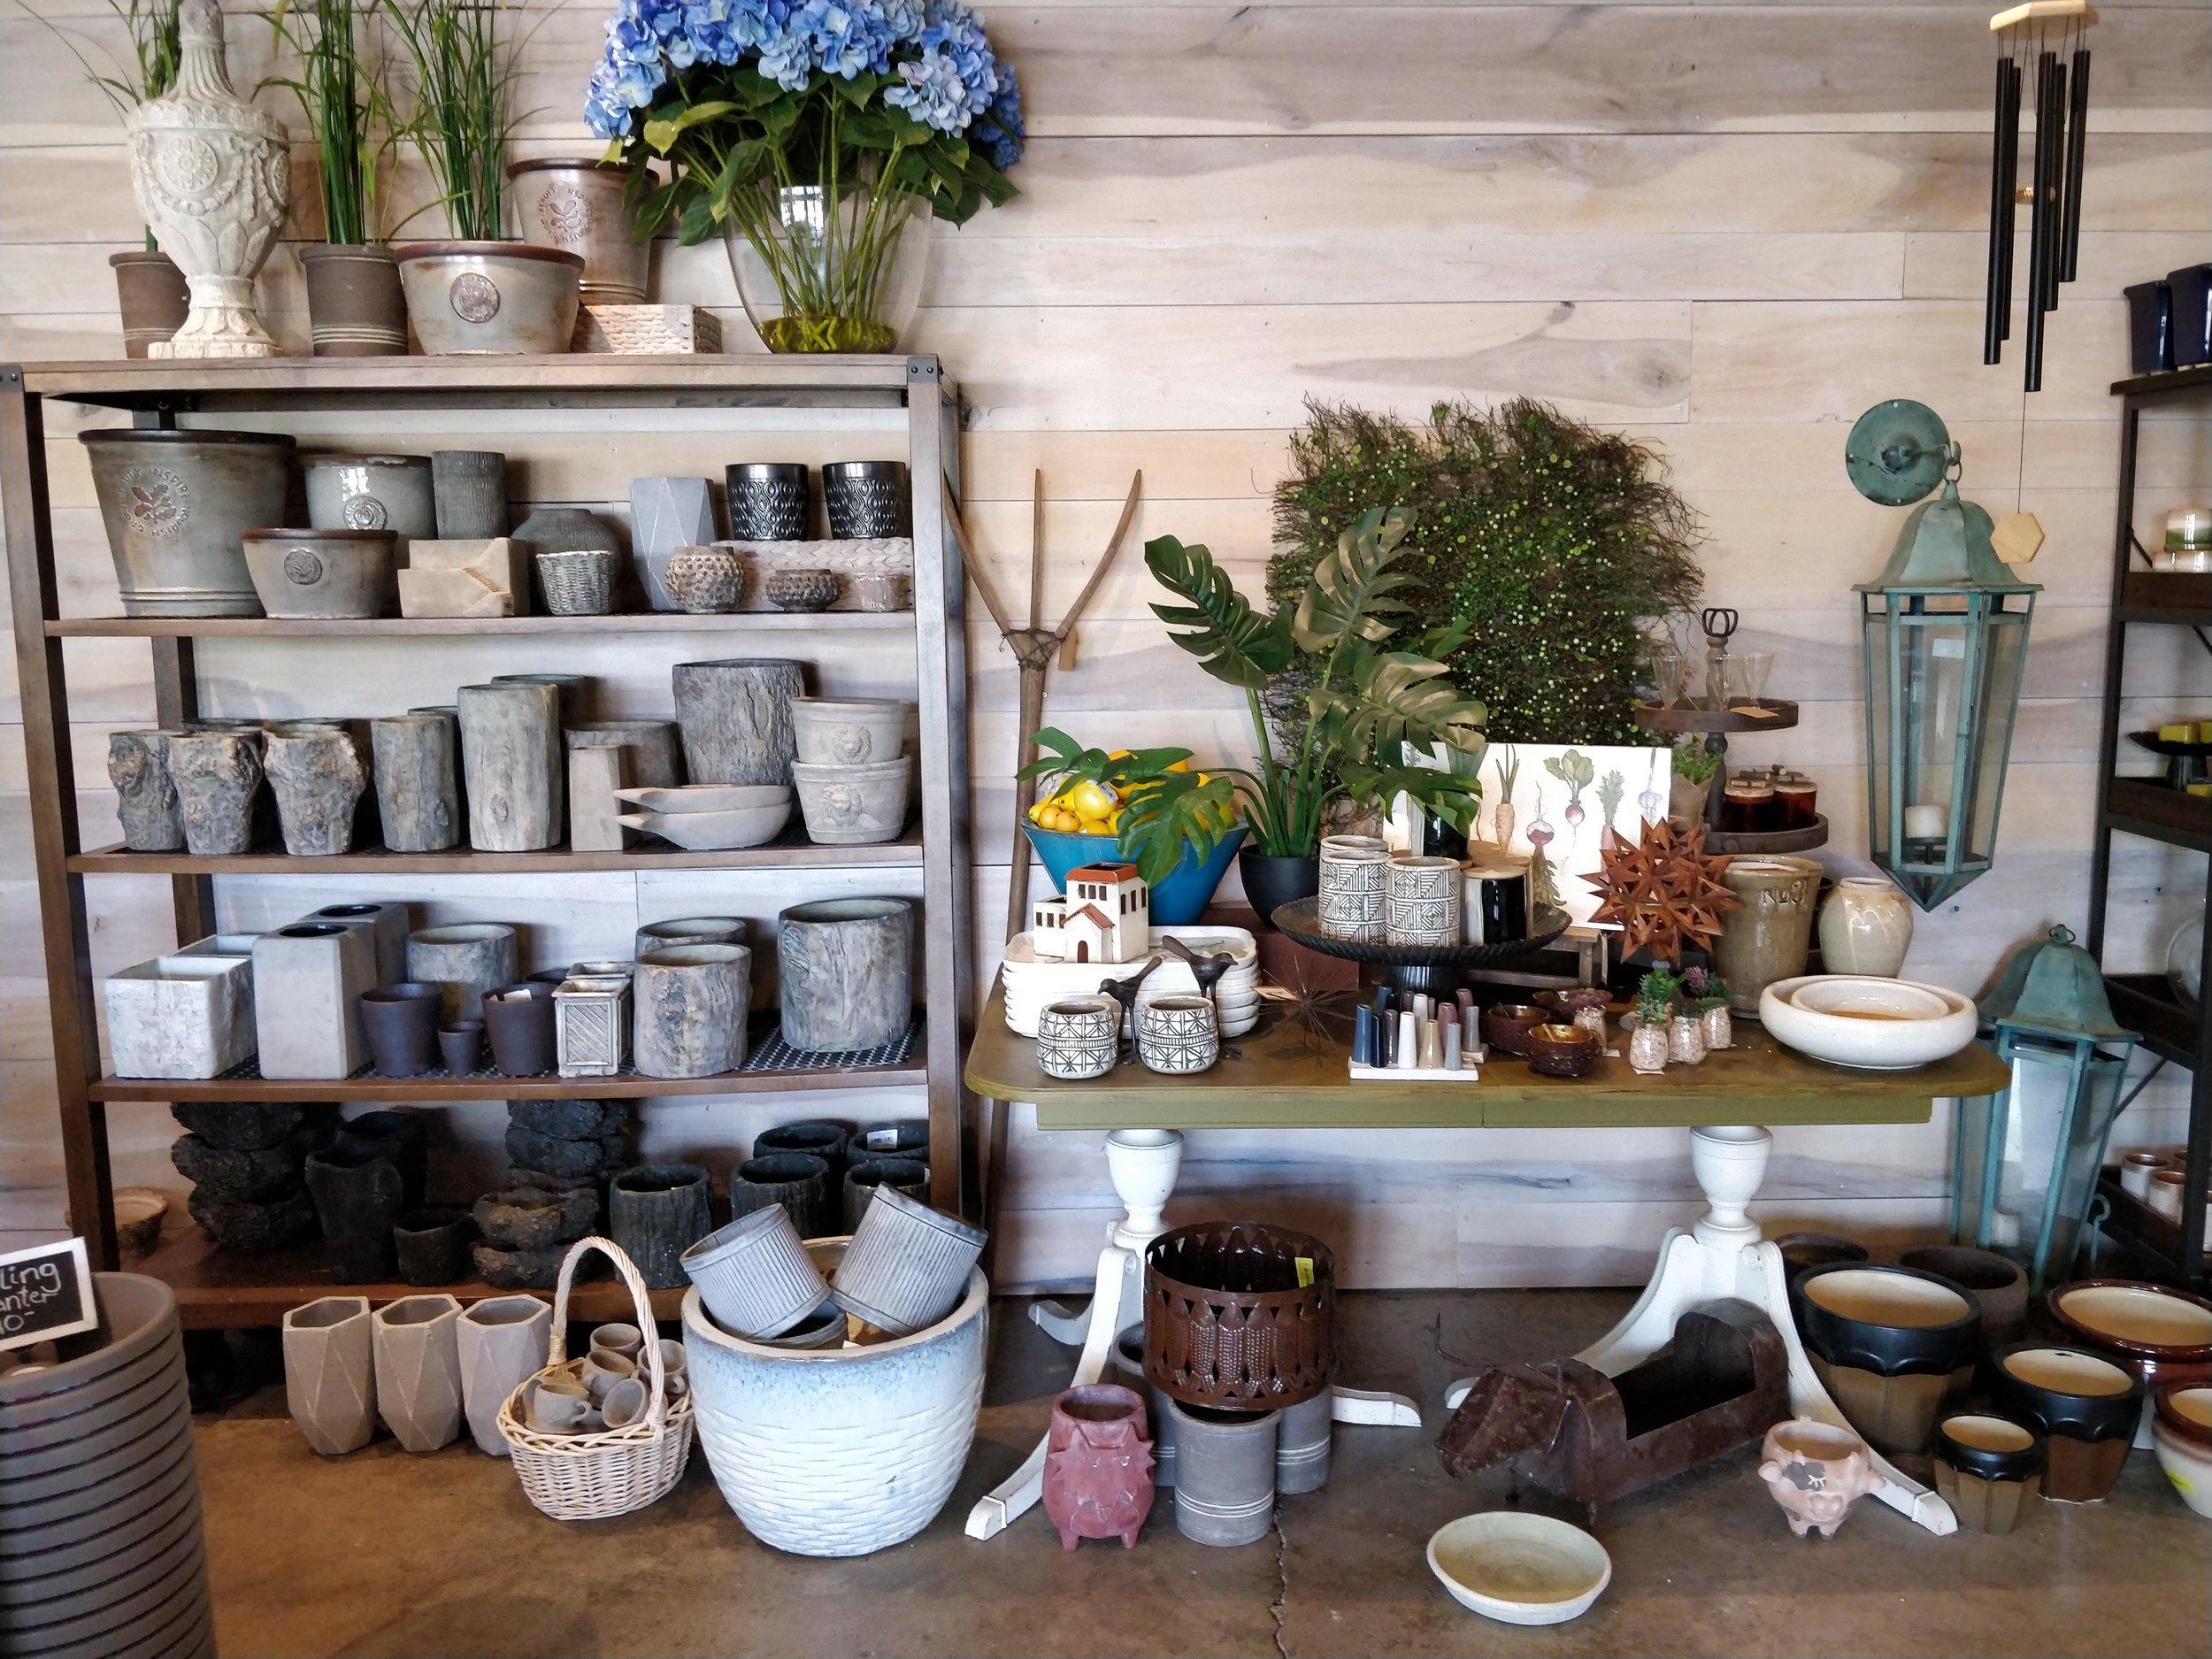 pots, container gardening, herb pot, front door planters, containers, plant containers, plant pot, concrete pot, glazed pots